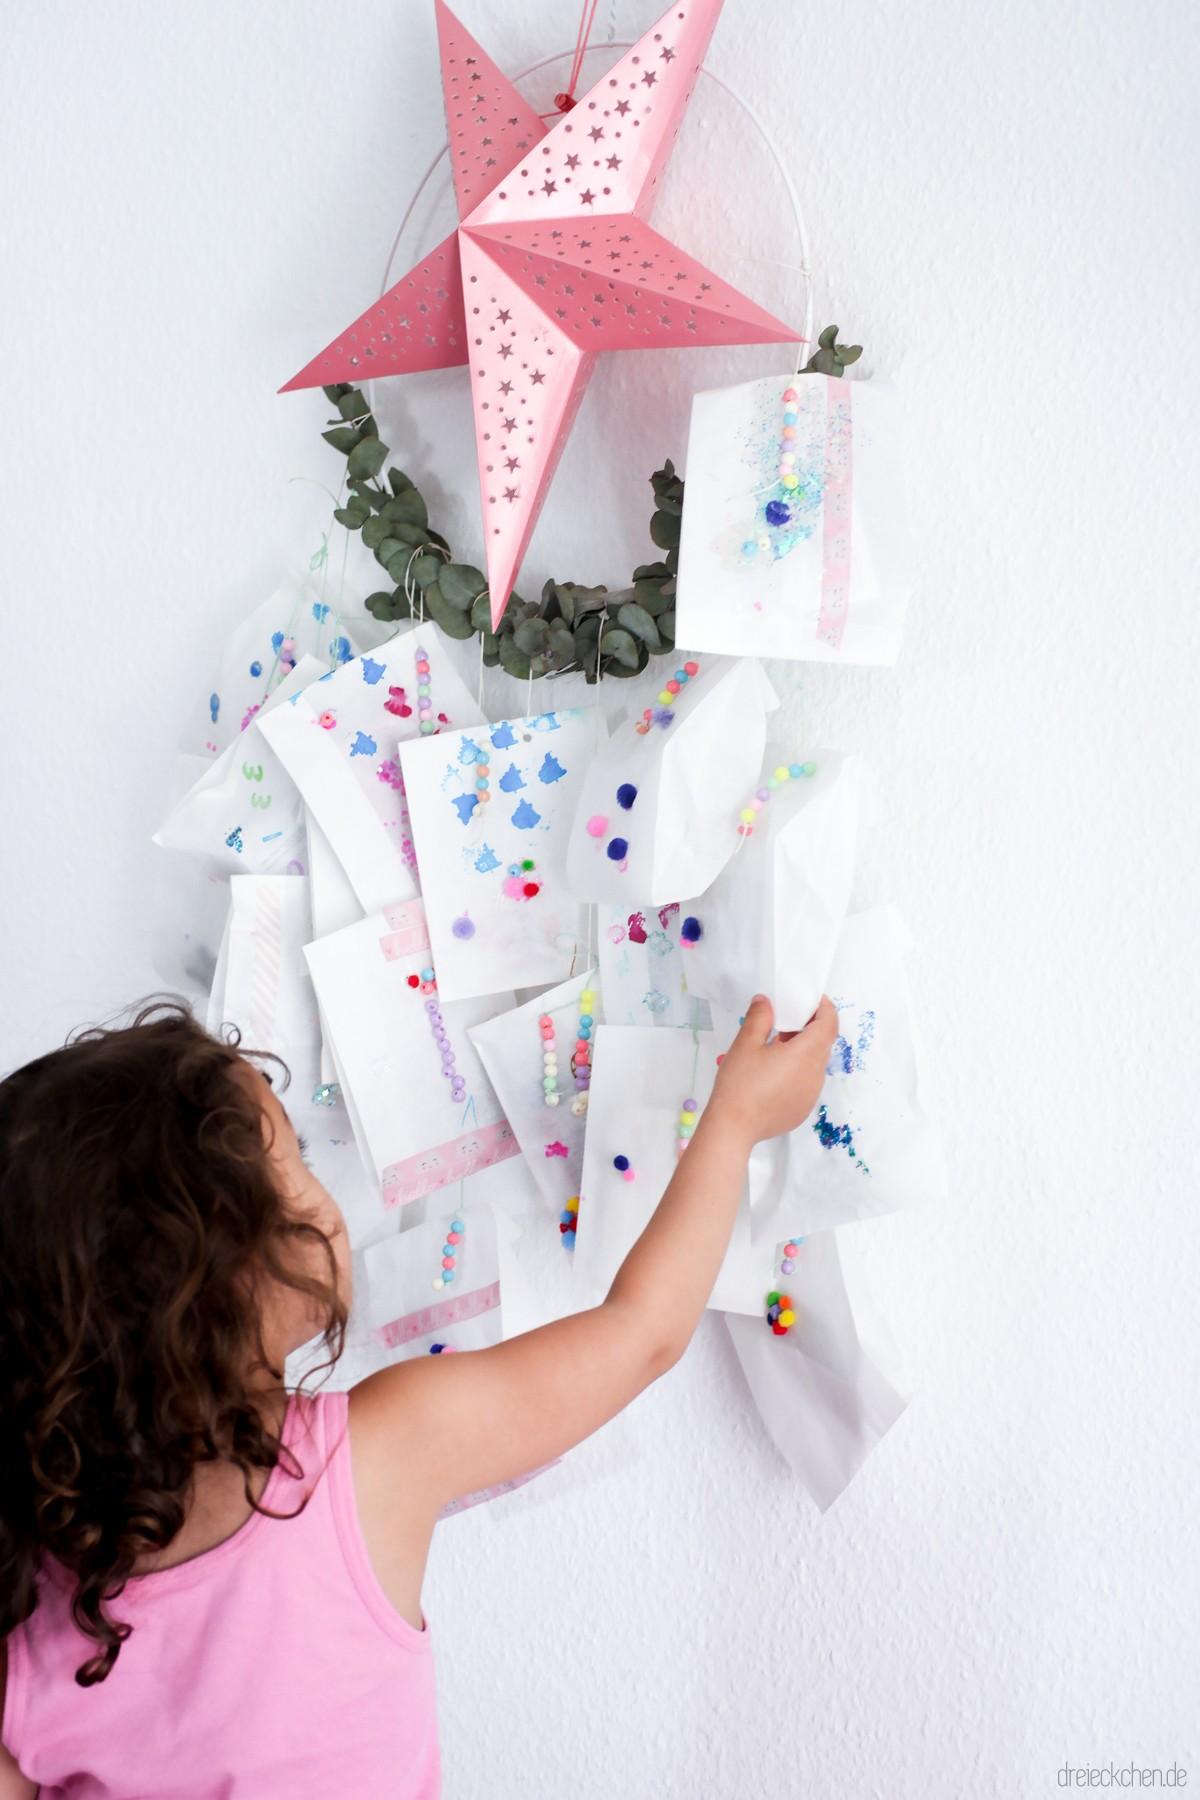 Adventskalender für Kinder Idee